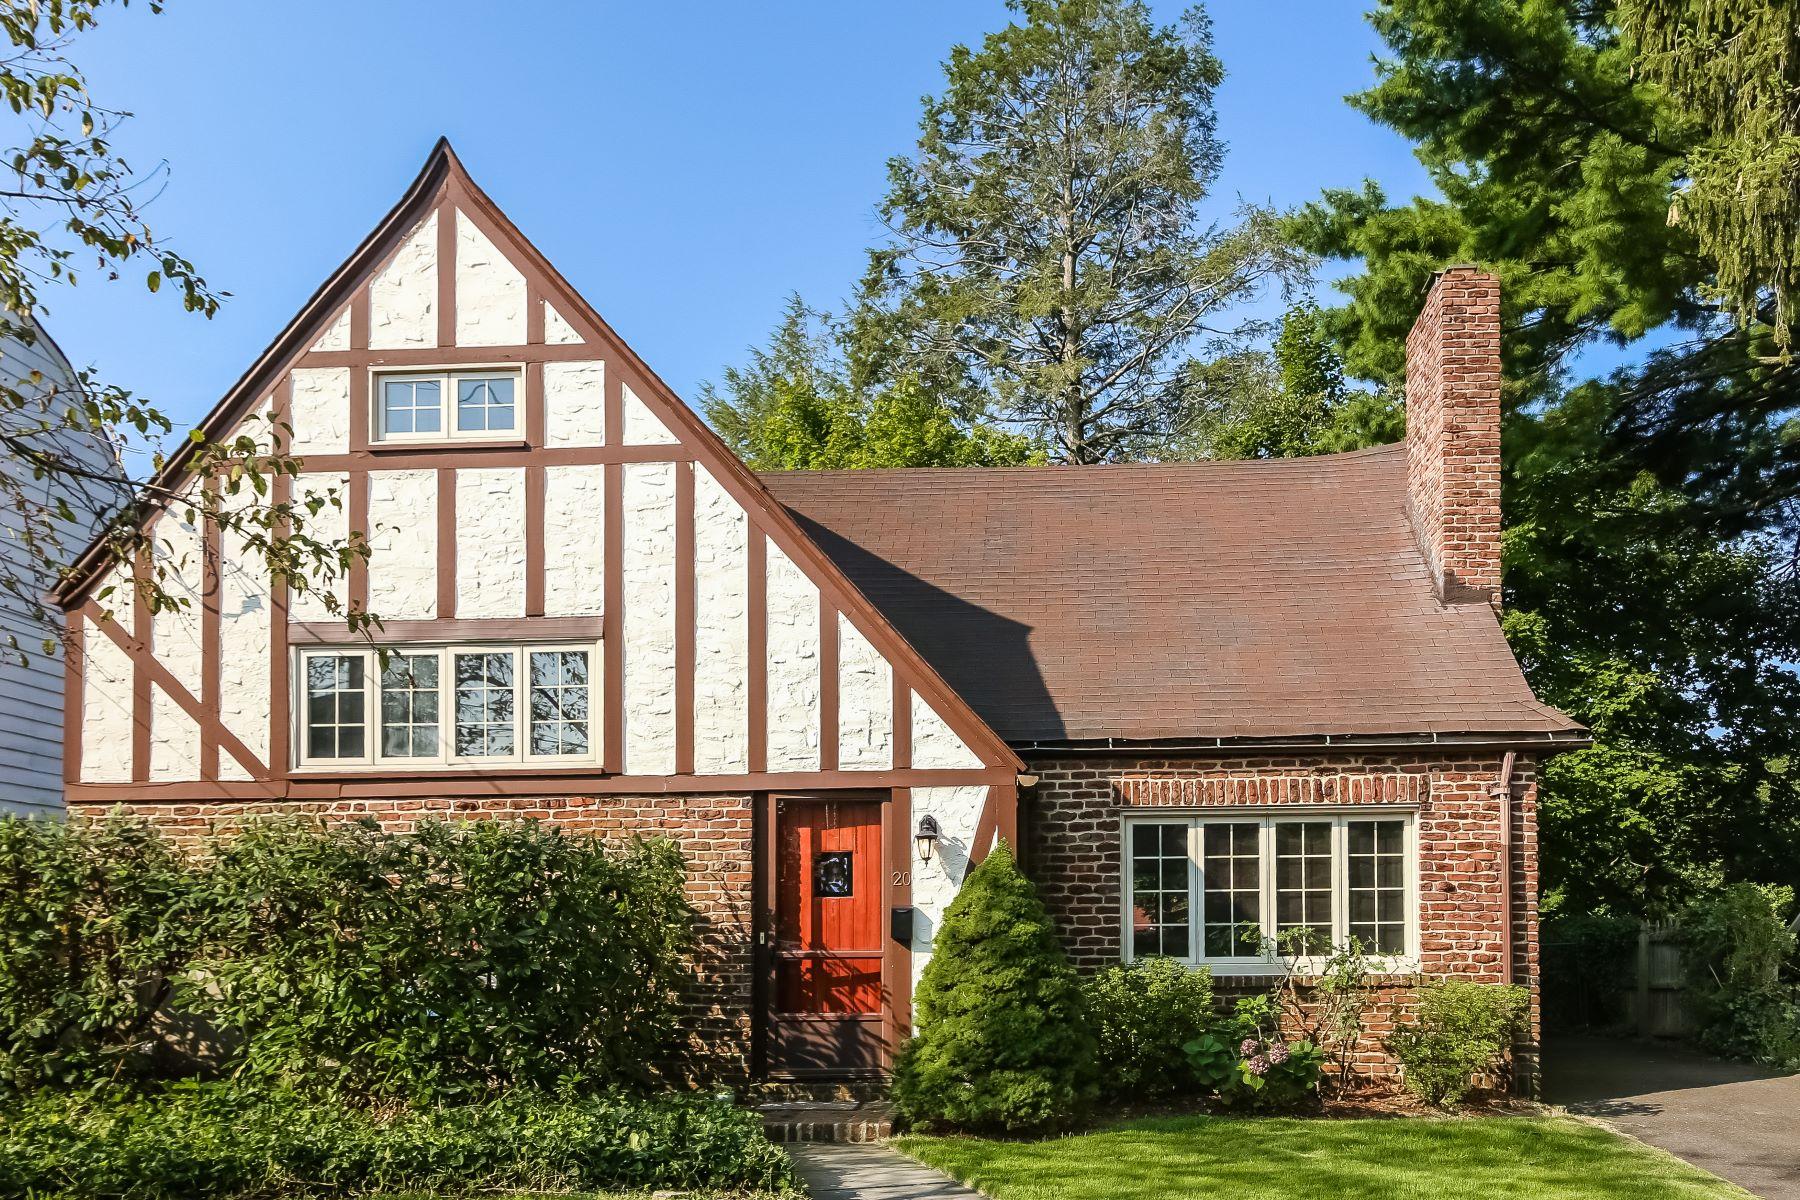 단독 가정 주택 용 매매 에 Charming Larchmont Tudor 20 Alden Road, Larchmont, 뉴욕, 10538 미국